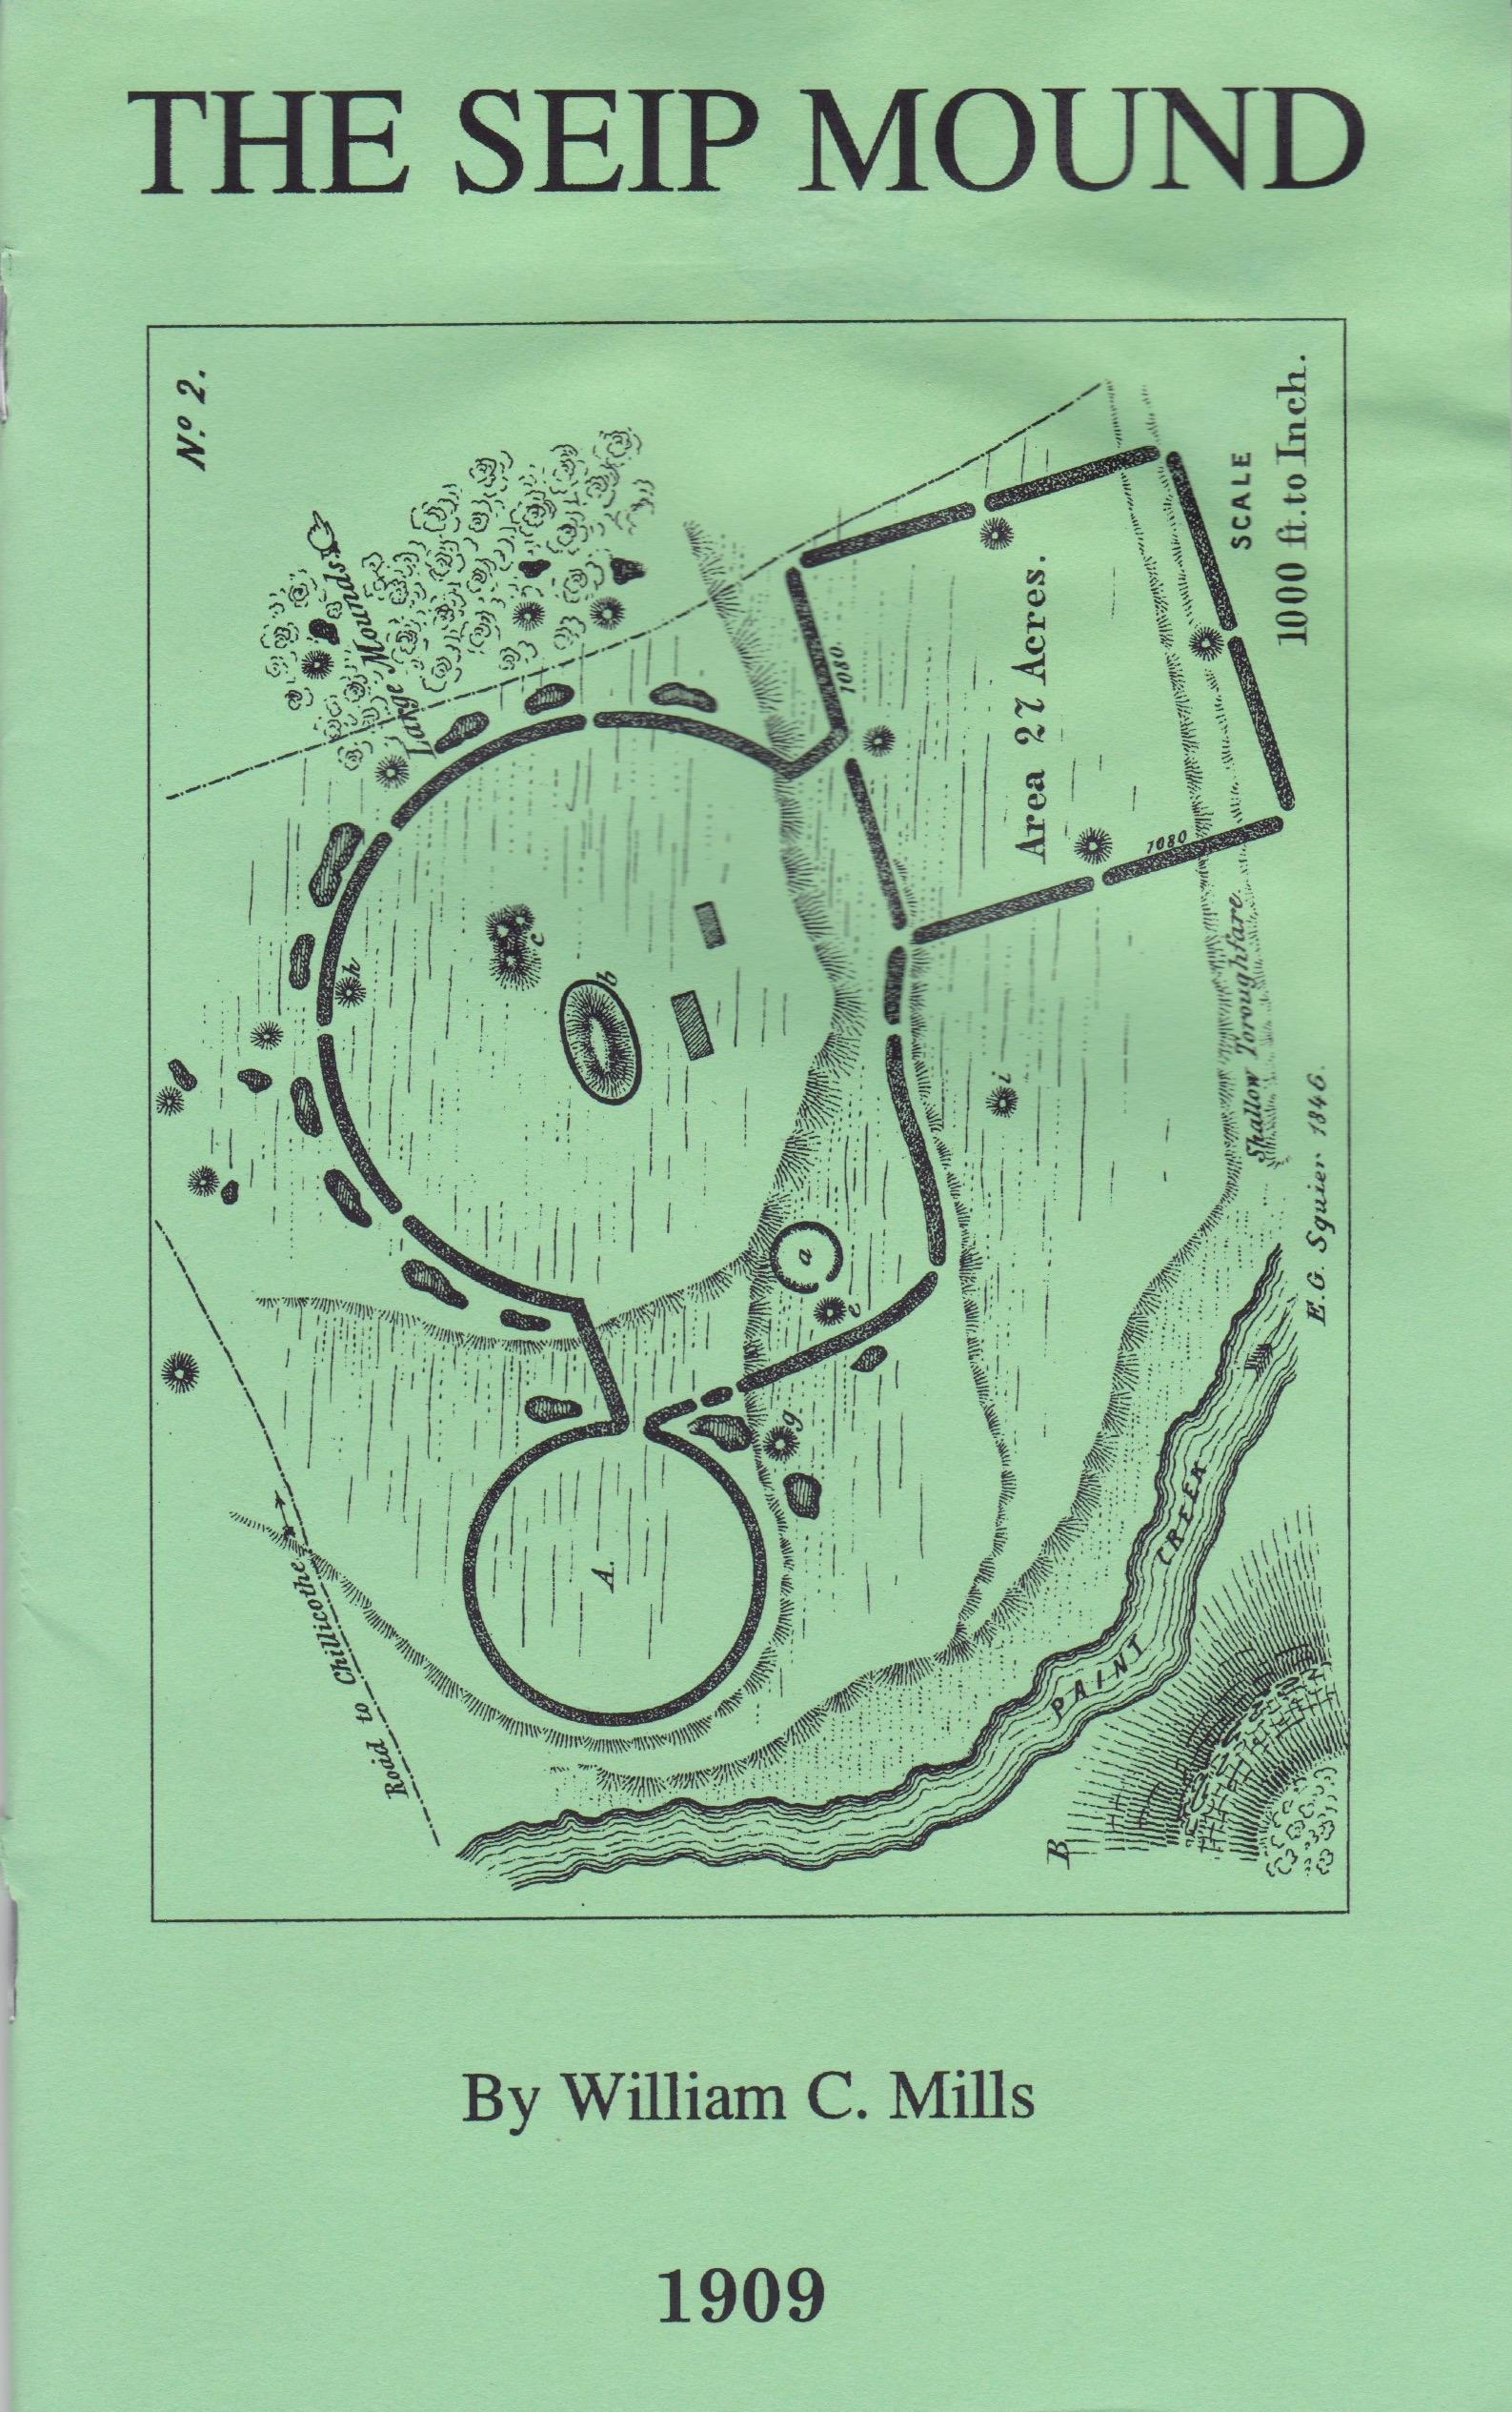 The Seip Mound